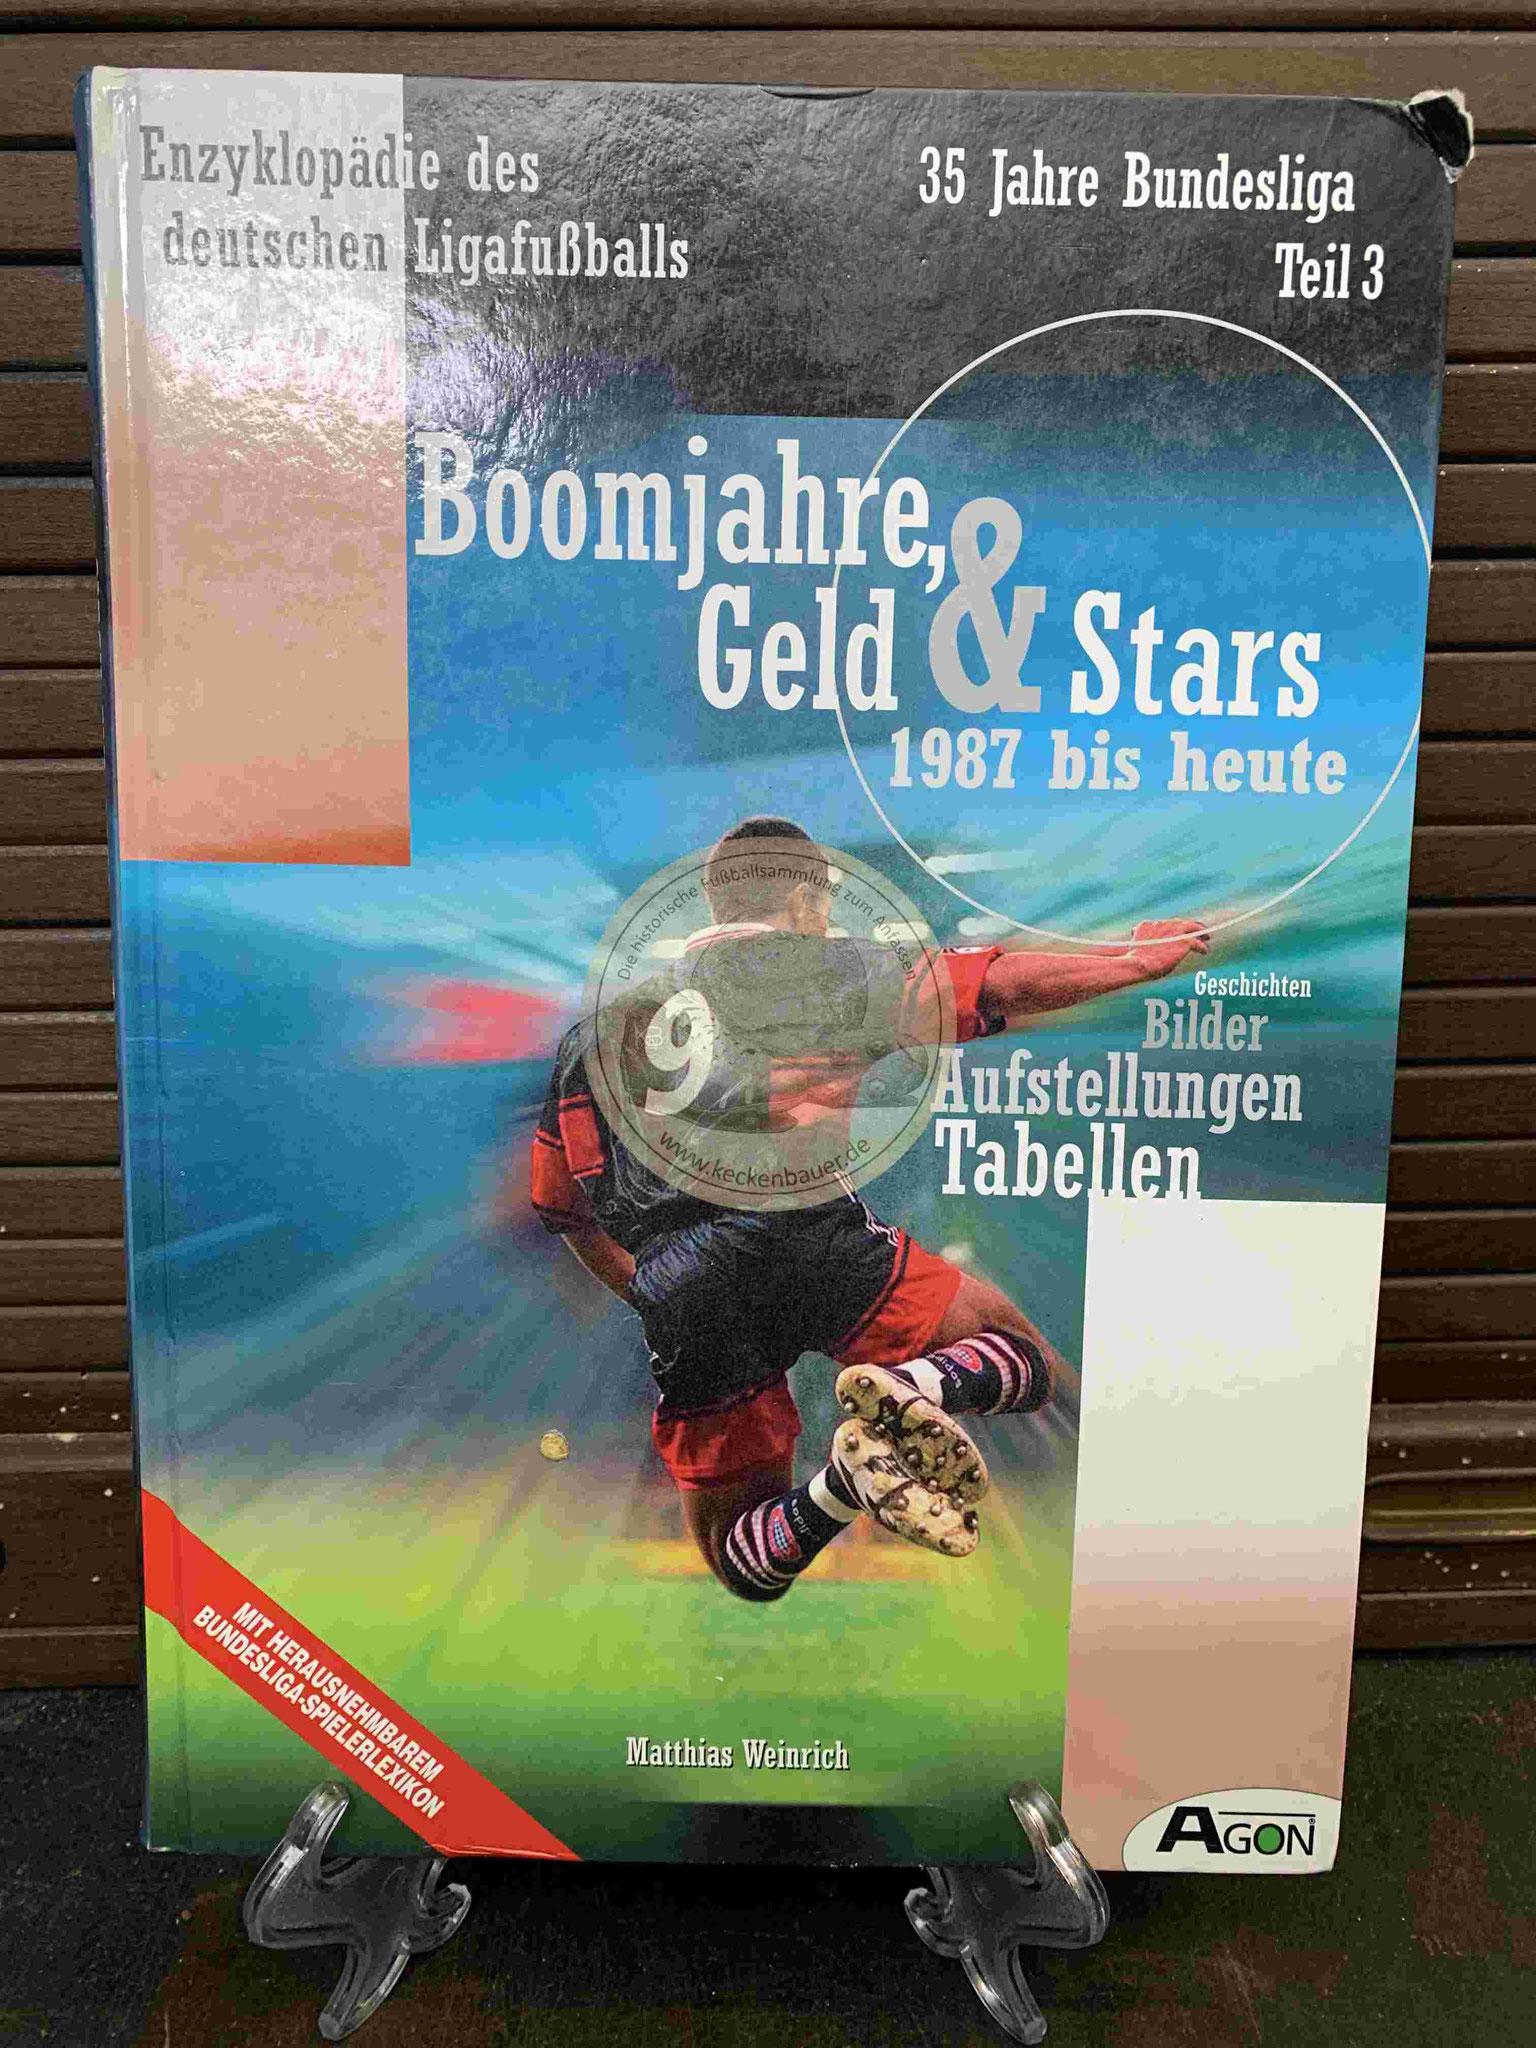 """Enzyklopädie des deutschen Ligafußballs """"Boomjahre, Geld & Stars aus dem Jahr 1999"""